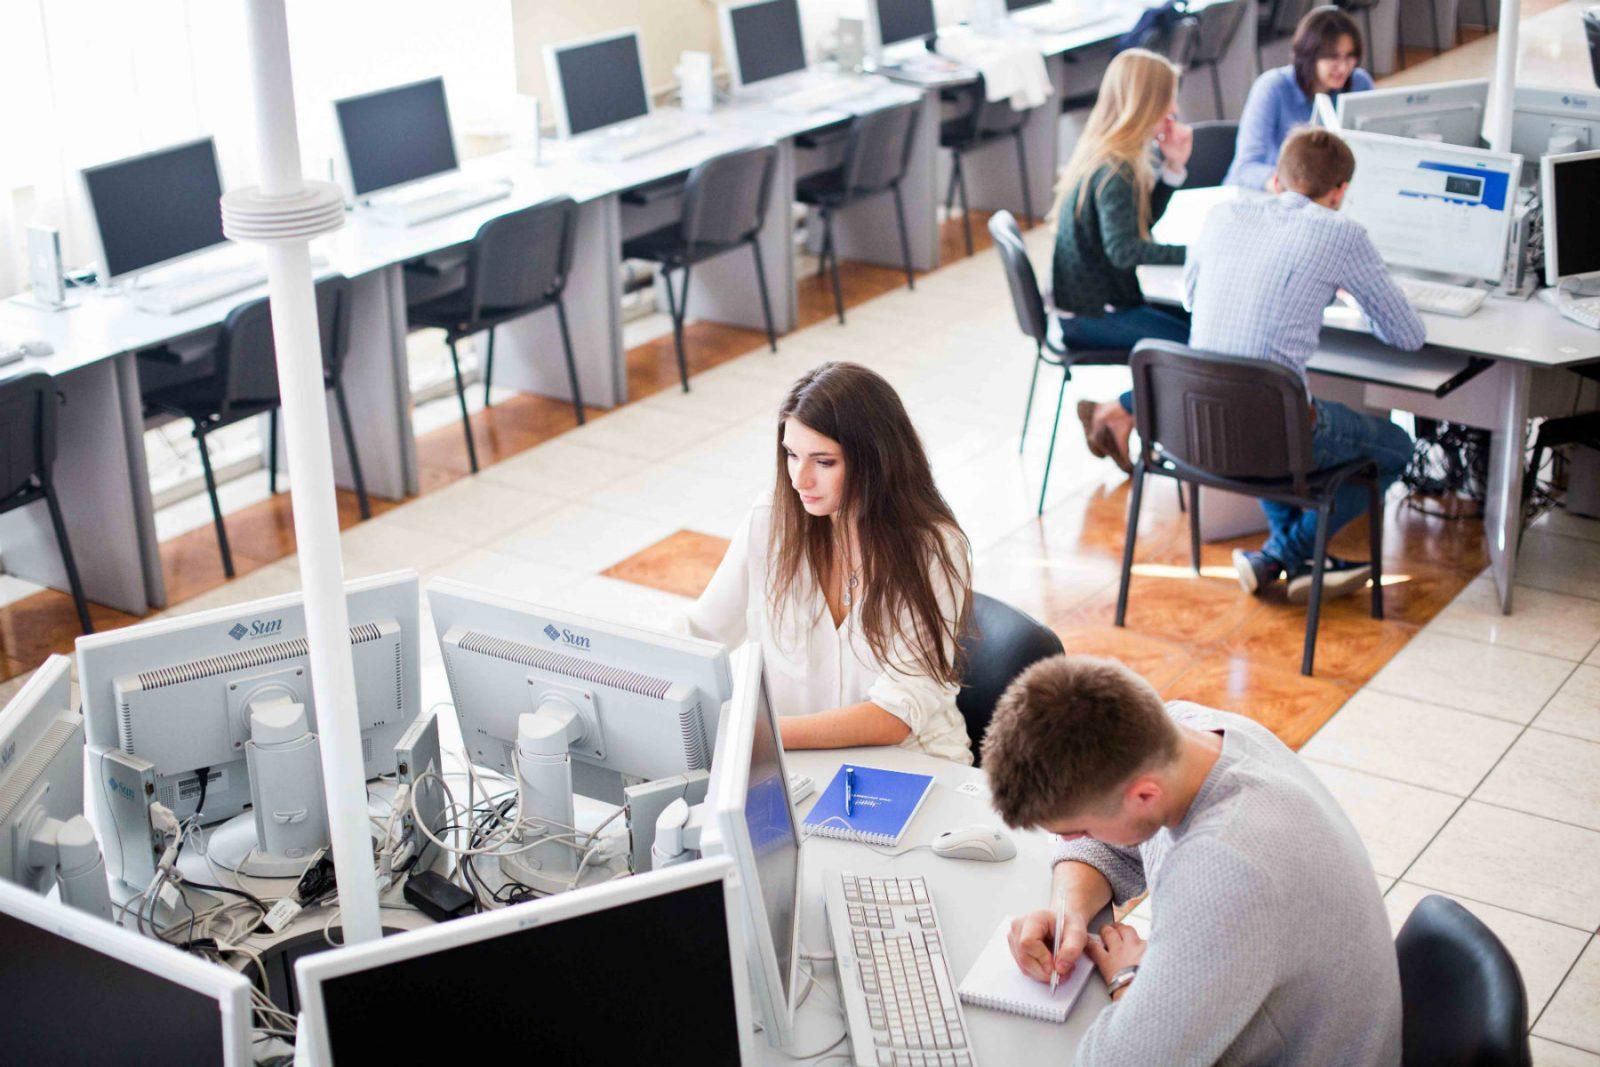 Студенты в аудитории за компьютерами